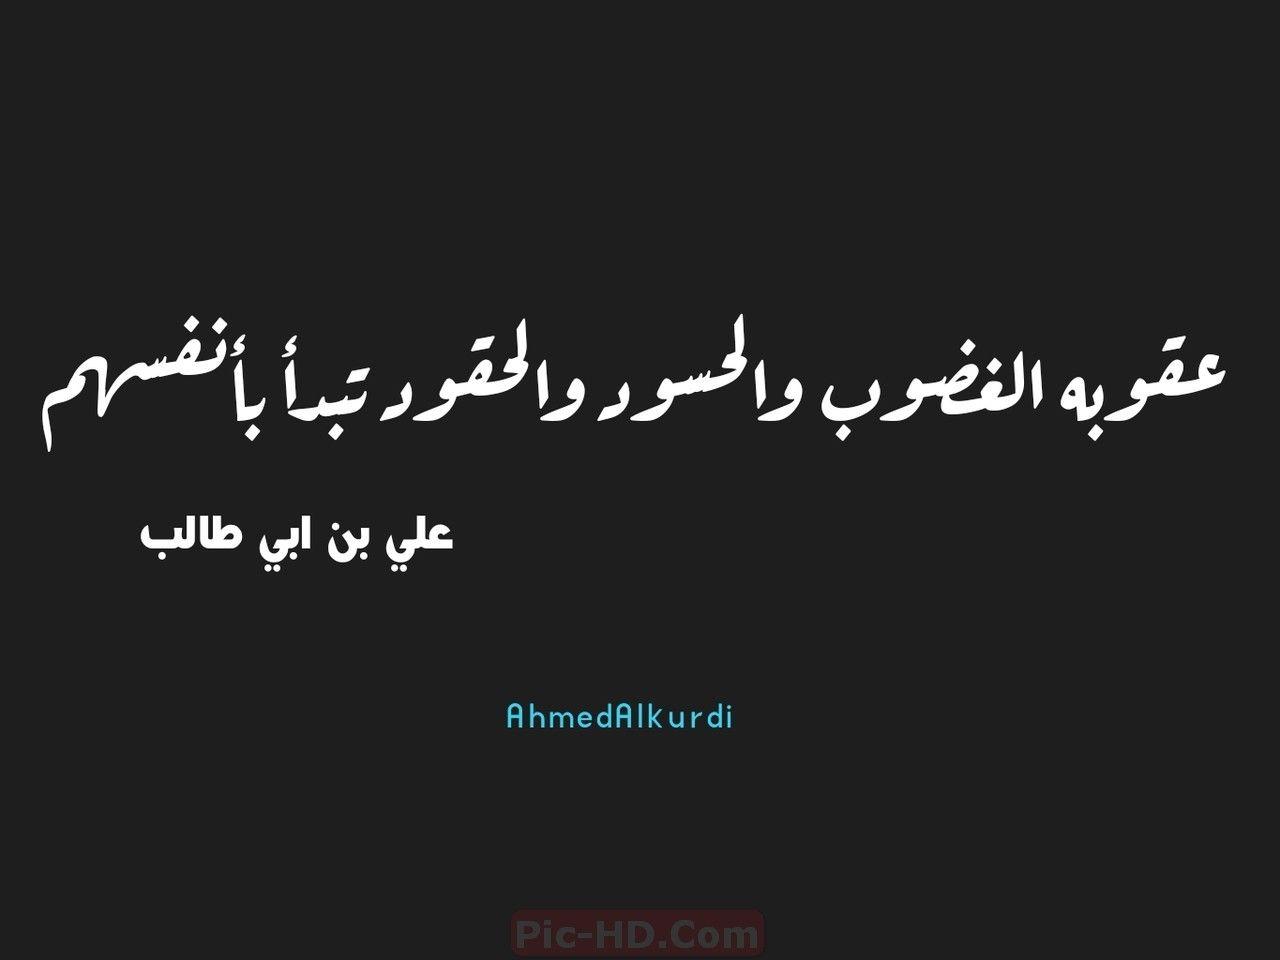 صور عن العصبية والغضب صور معبرة عن الغضب مع عبارات In 2021 Pics Arabic Calligraphy Calligraphy